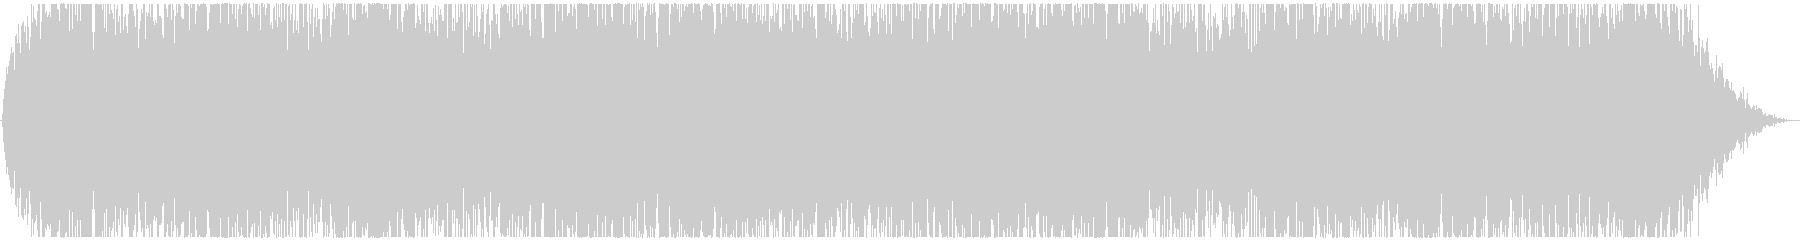 イメージ 地獄の声12の未再生の波形